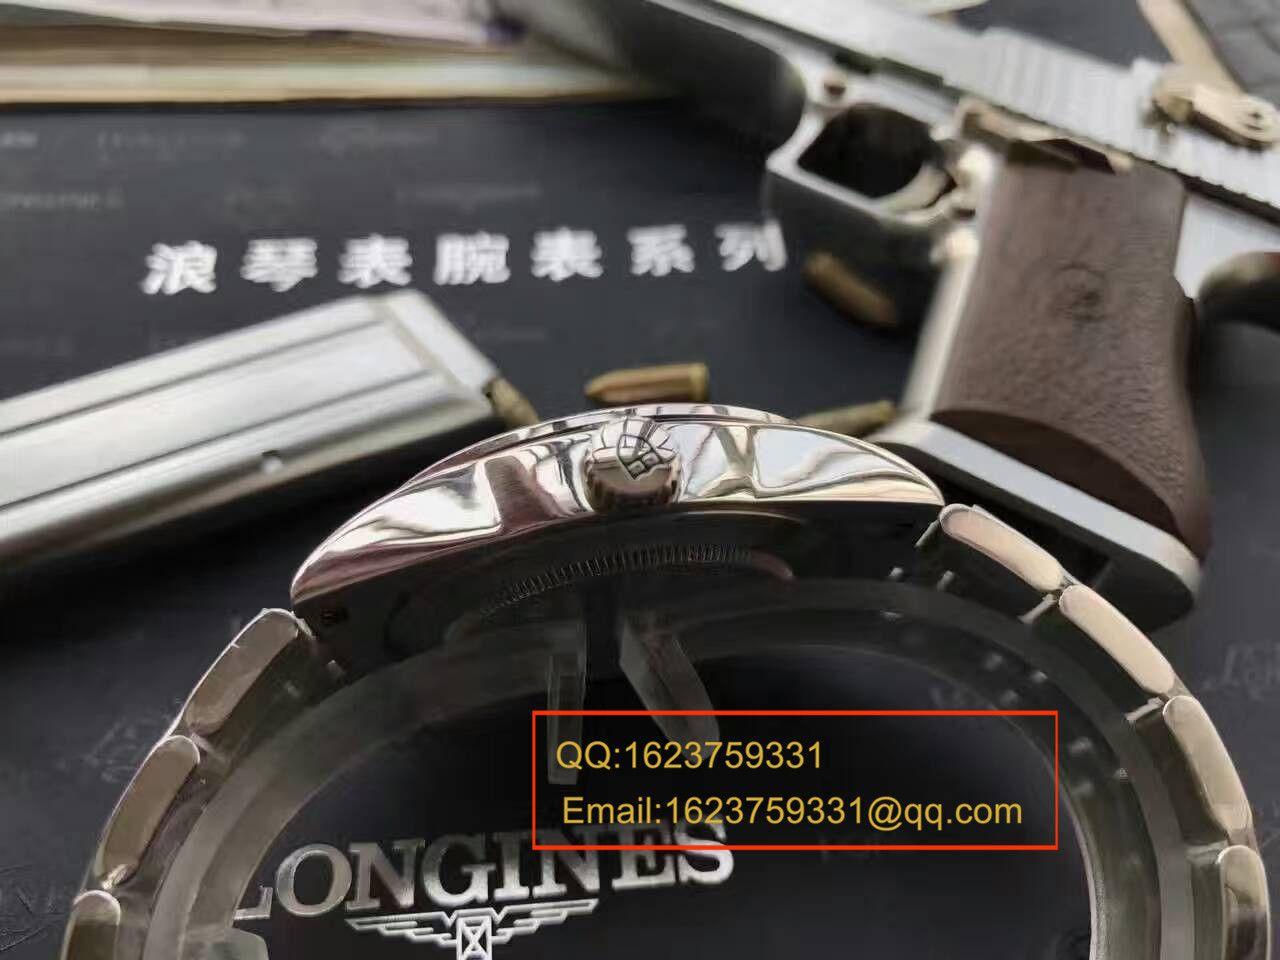 【实拍图鉴赏】台湾厂超A高仿手表帝舵骏珏系列56000-68060男士机械手表 / DT008